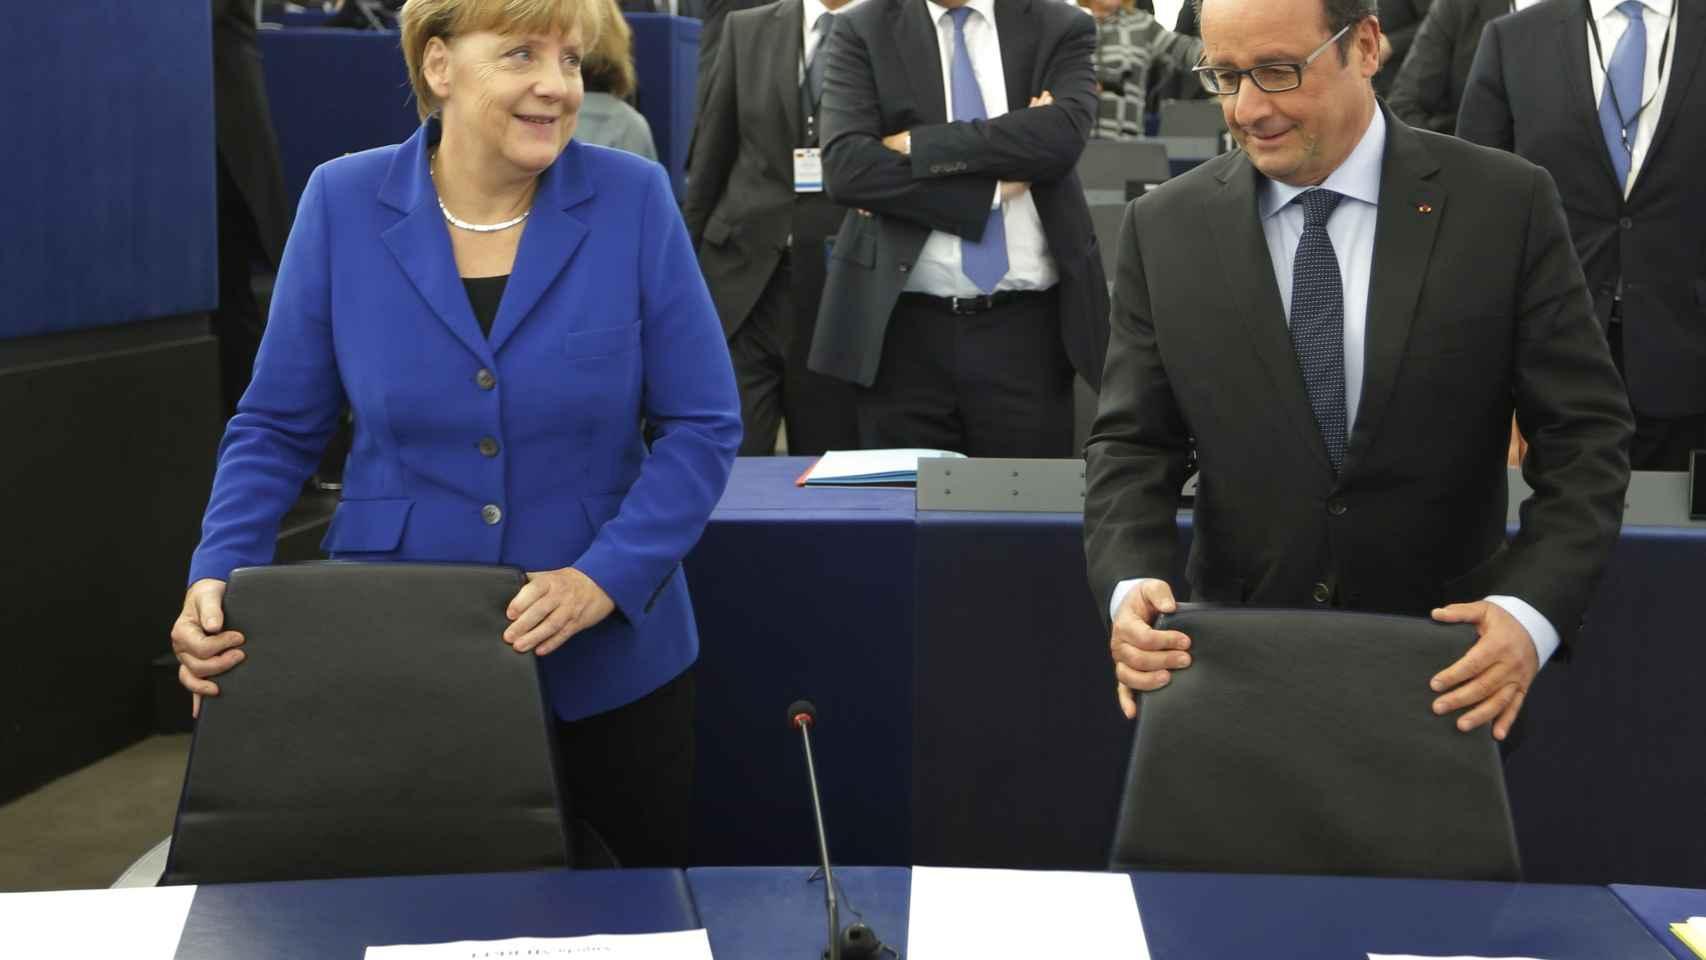 Merkel y Hollande, antes de su comparecencia en el Parlamento Europeo